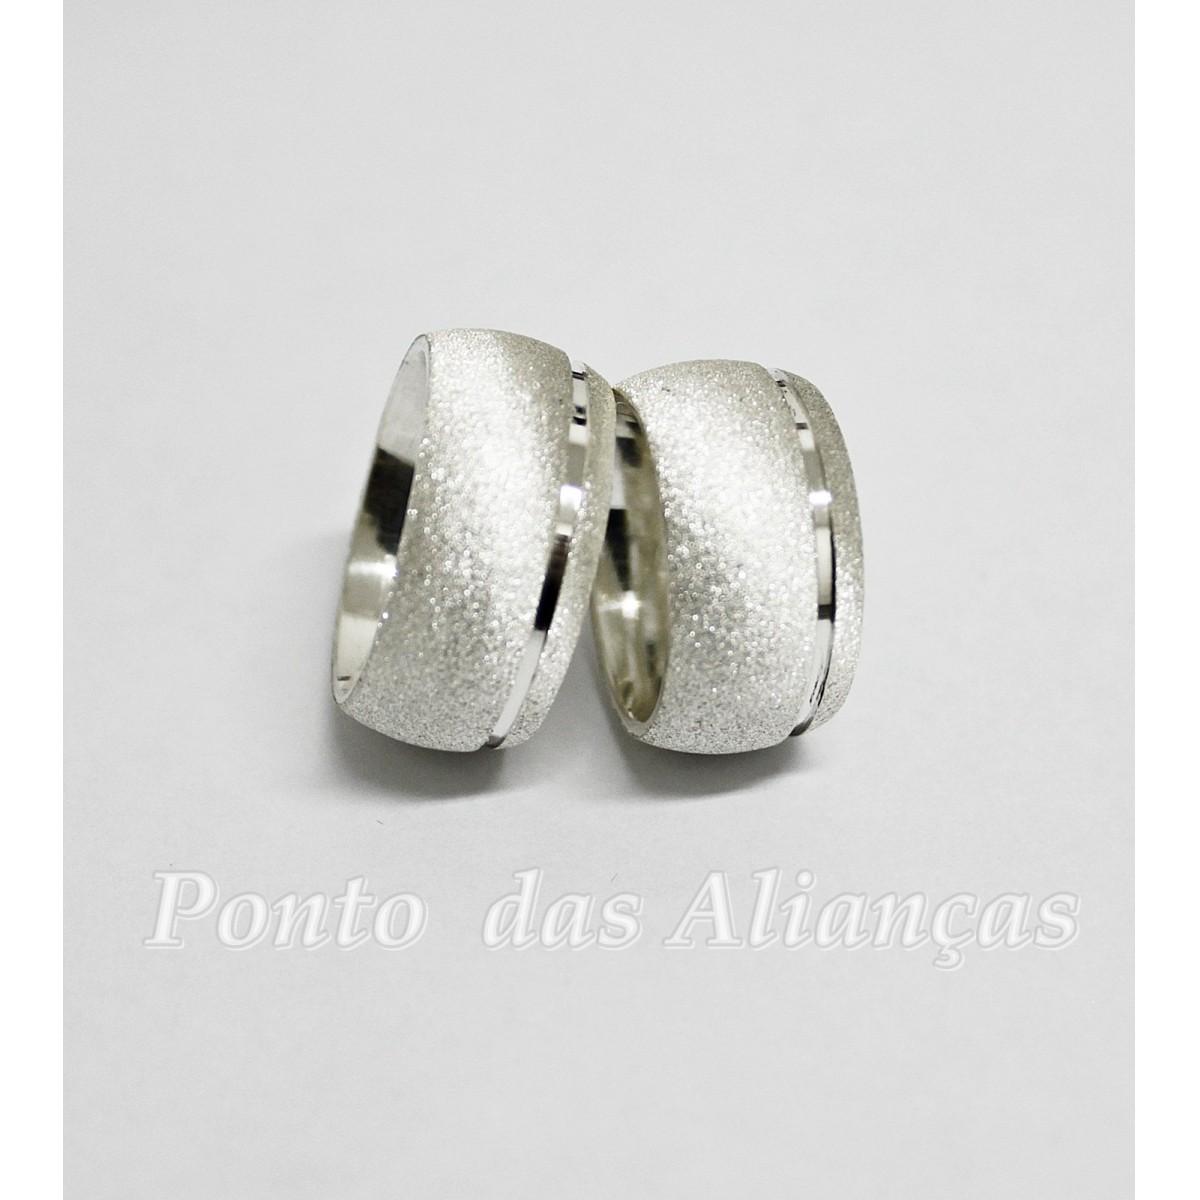 Alianças de Prata Compromisso - 3092